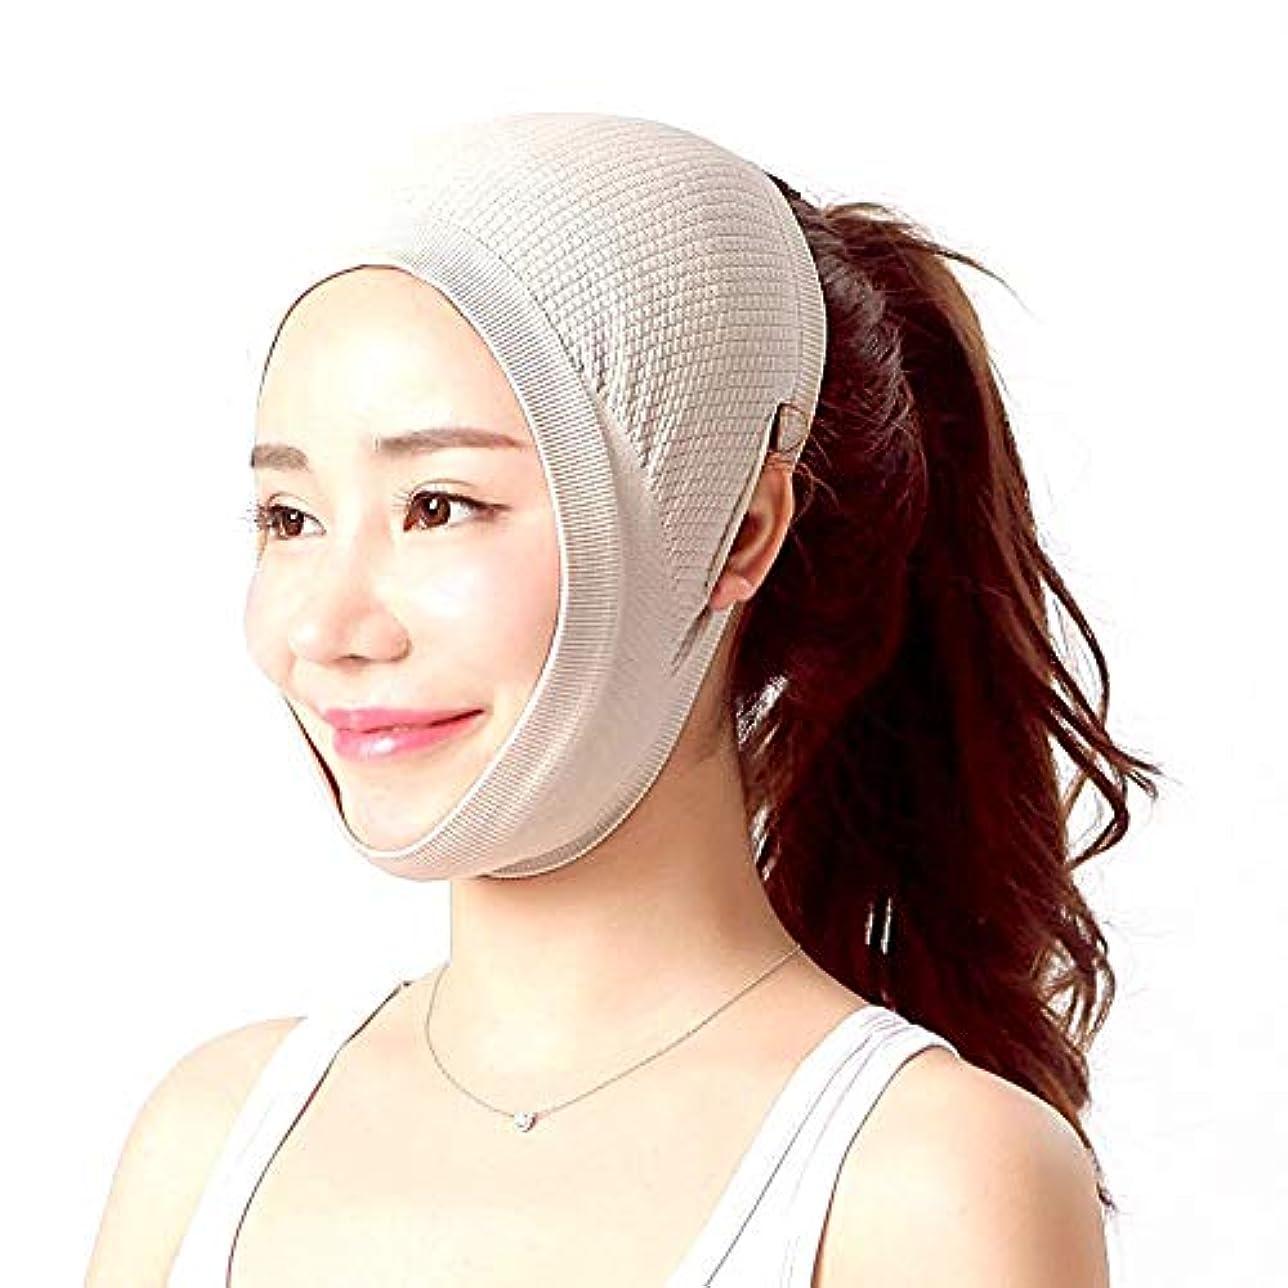 楽観的前提導体Jia Jia- フェイスリフティングアーティファクト包帯ライン術後回復包帯リフティングフェイスフードVフェイス包帯リフティングVフェイス美容マスク - 肌のトーン 顔面包帯